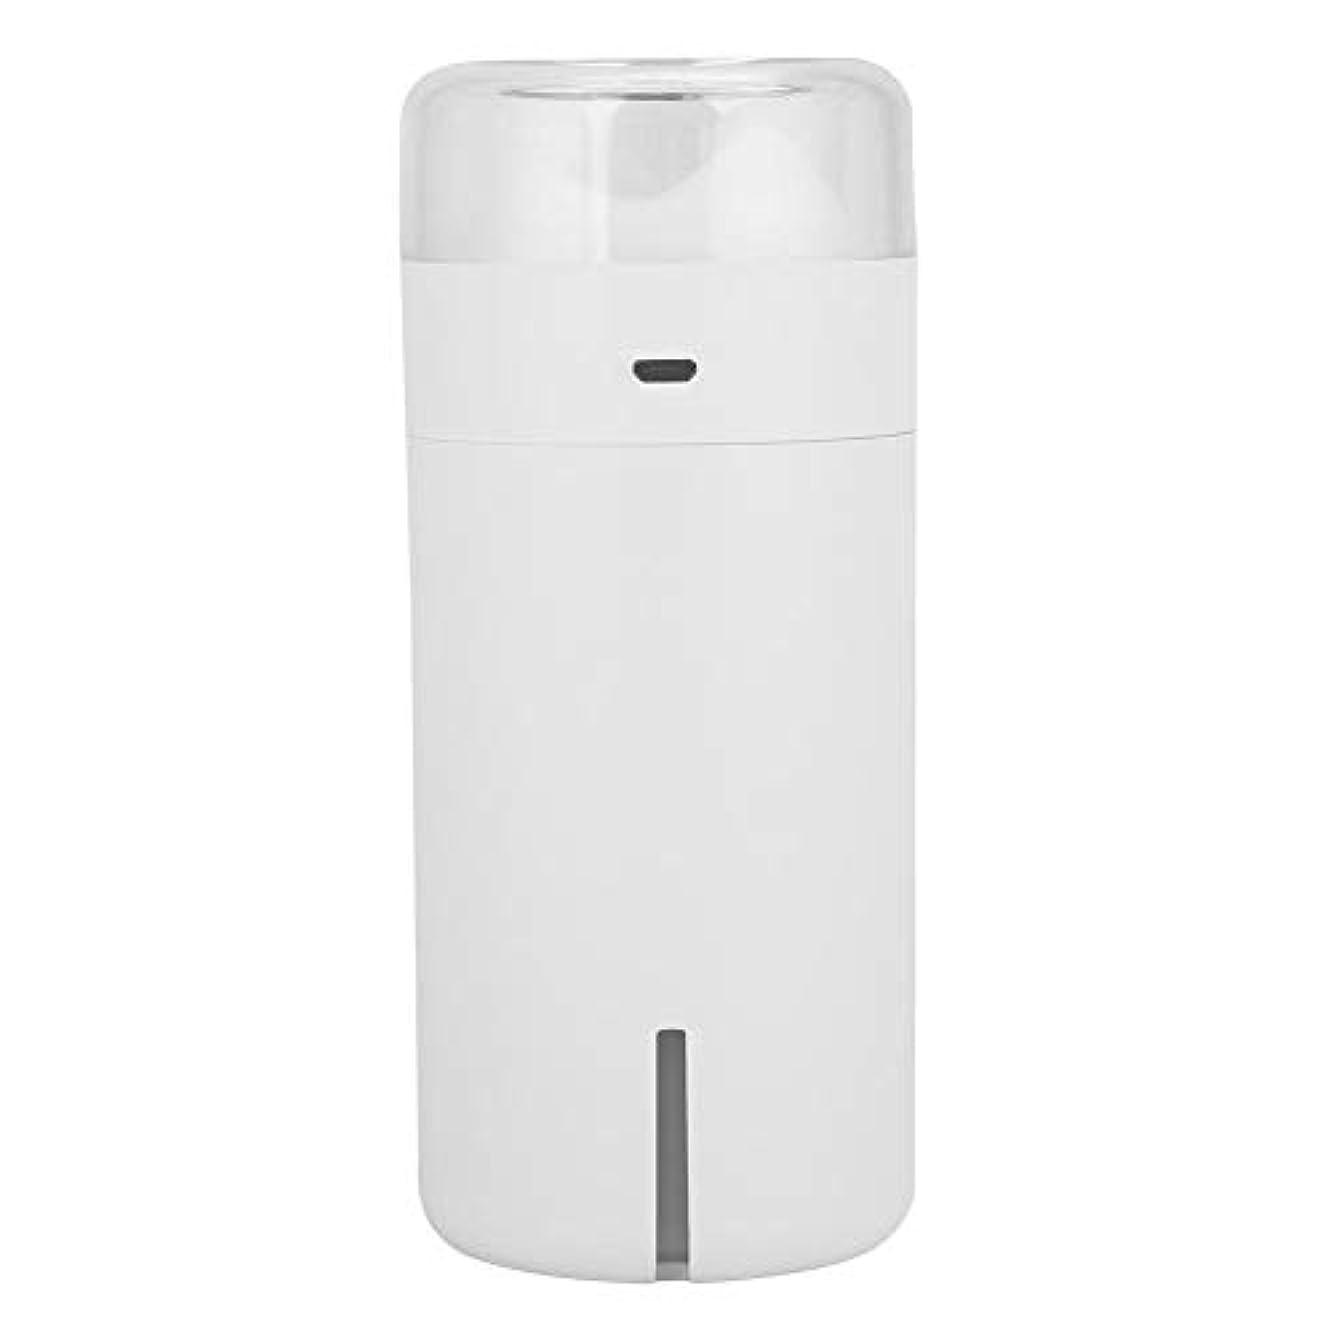 方向化石不和携帯用拡散器、車のオフィスのためのUSBケーブルが付いている超音波空気加湿器7色LEDの軽い清浄器(白)